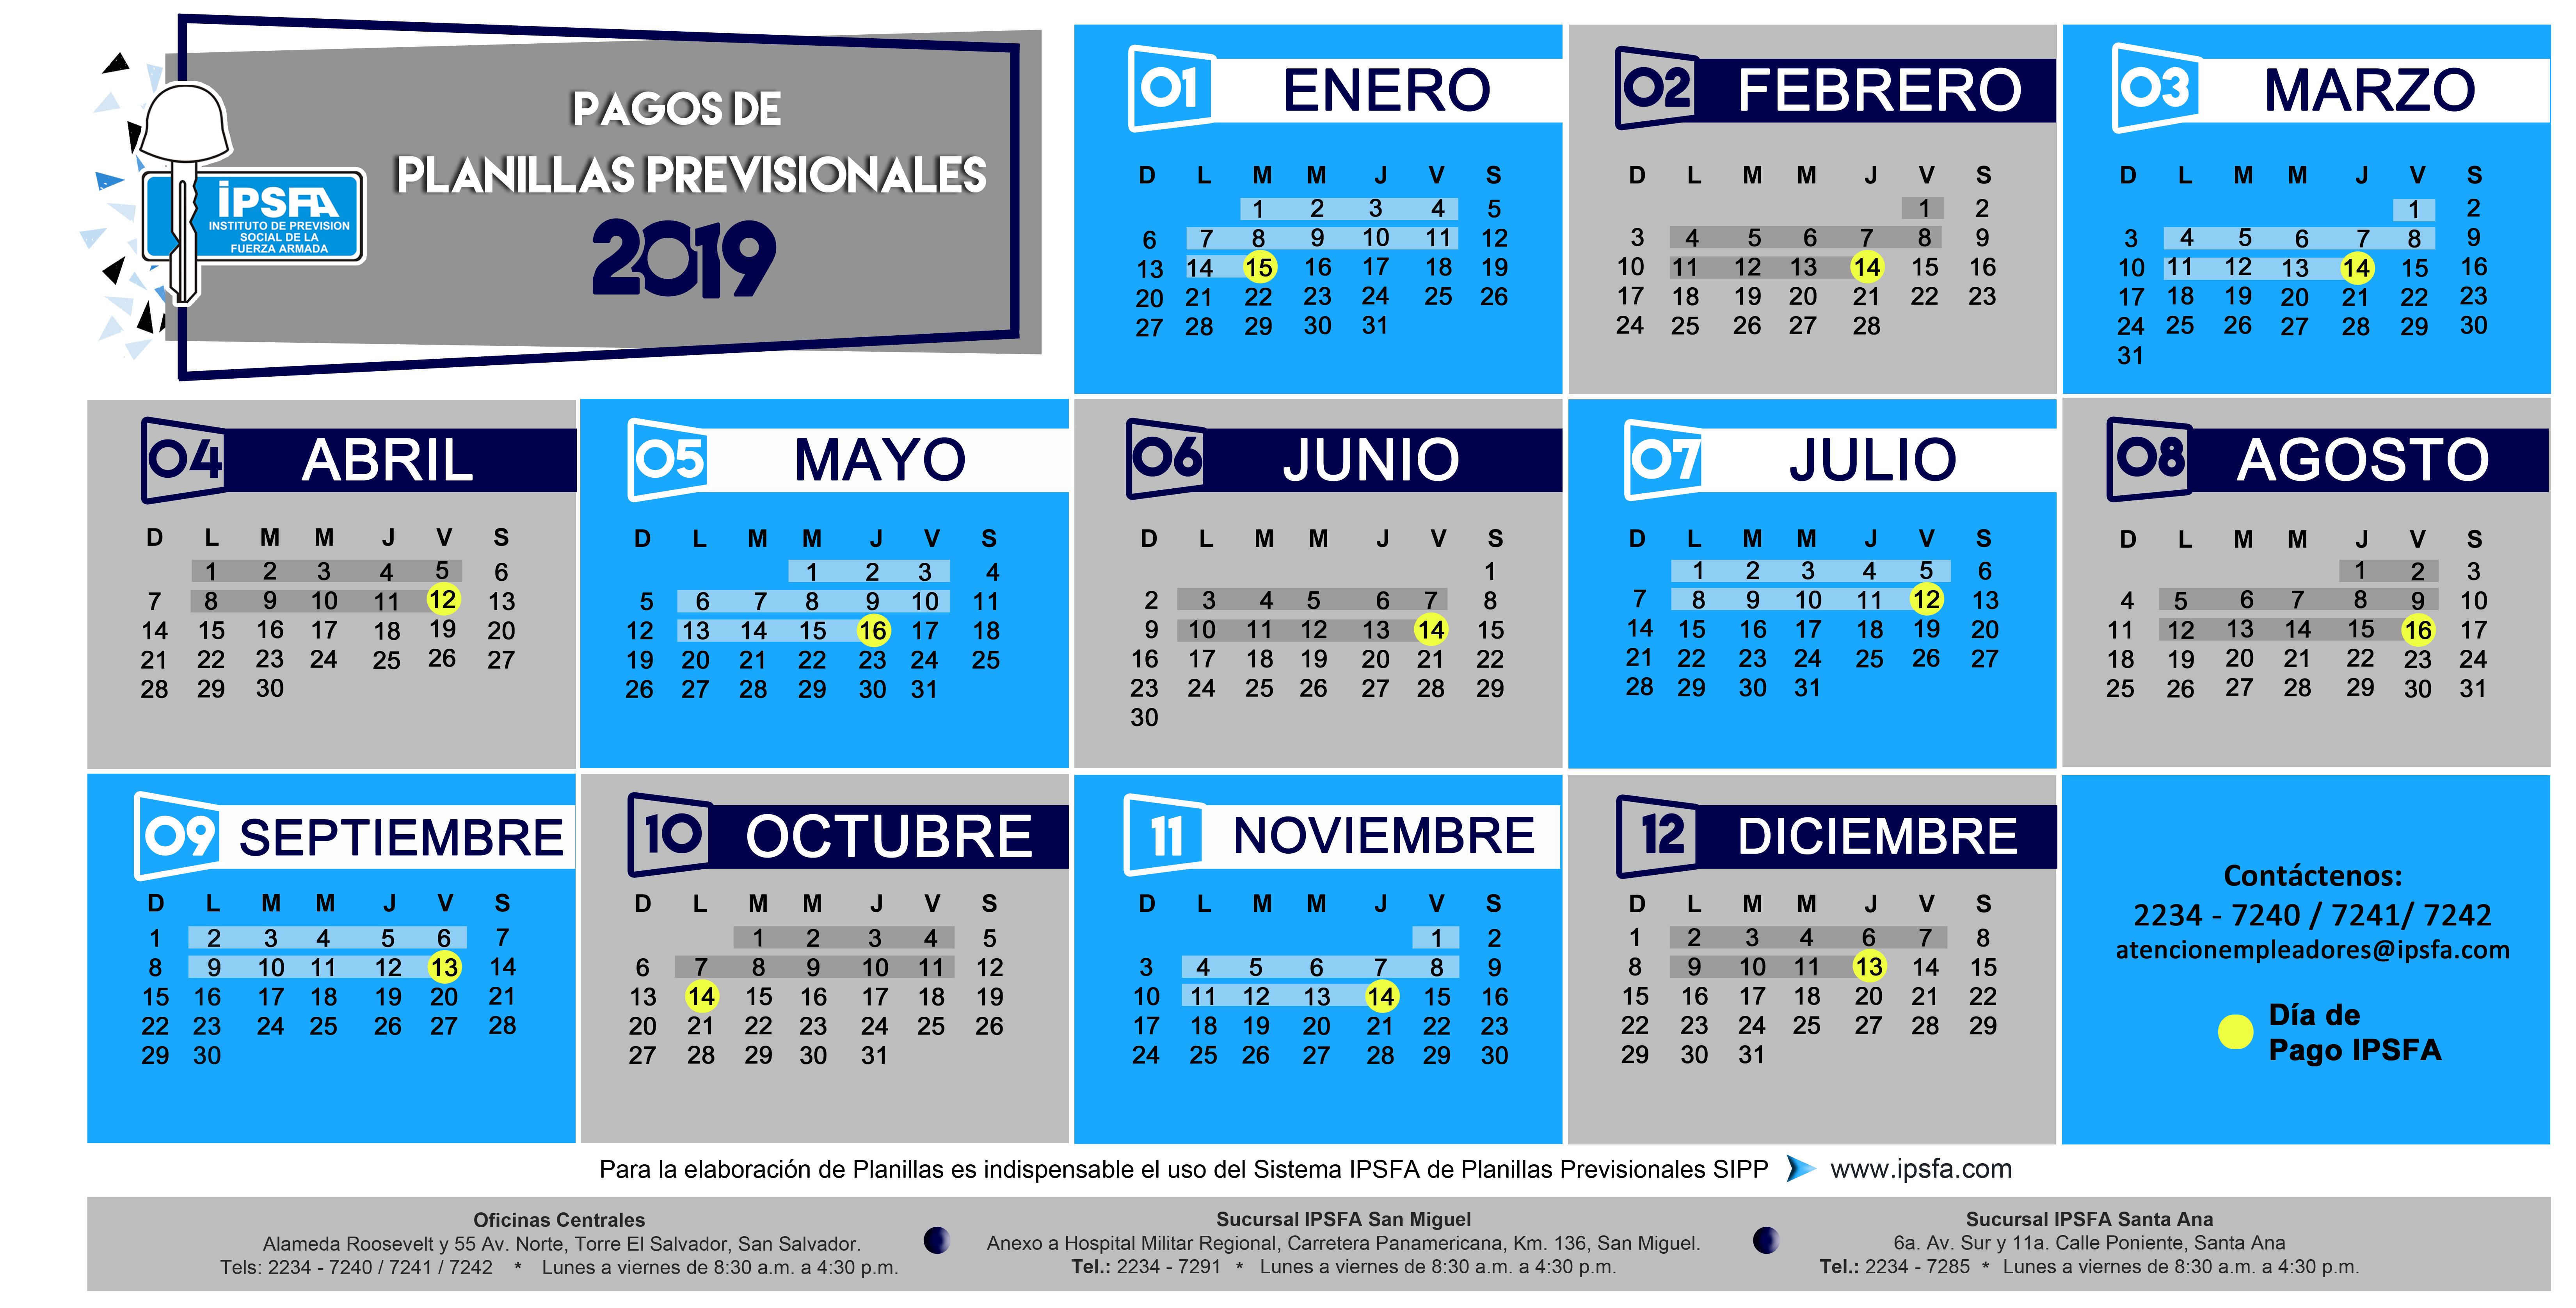 FECHAS DE PAGO DE PLANILLAS 2019